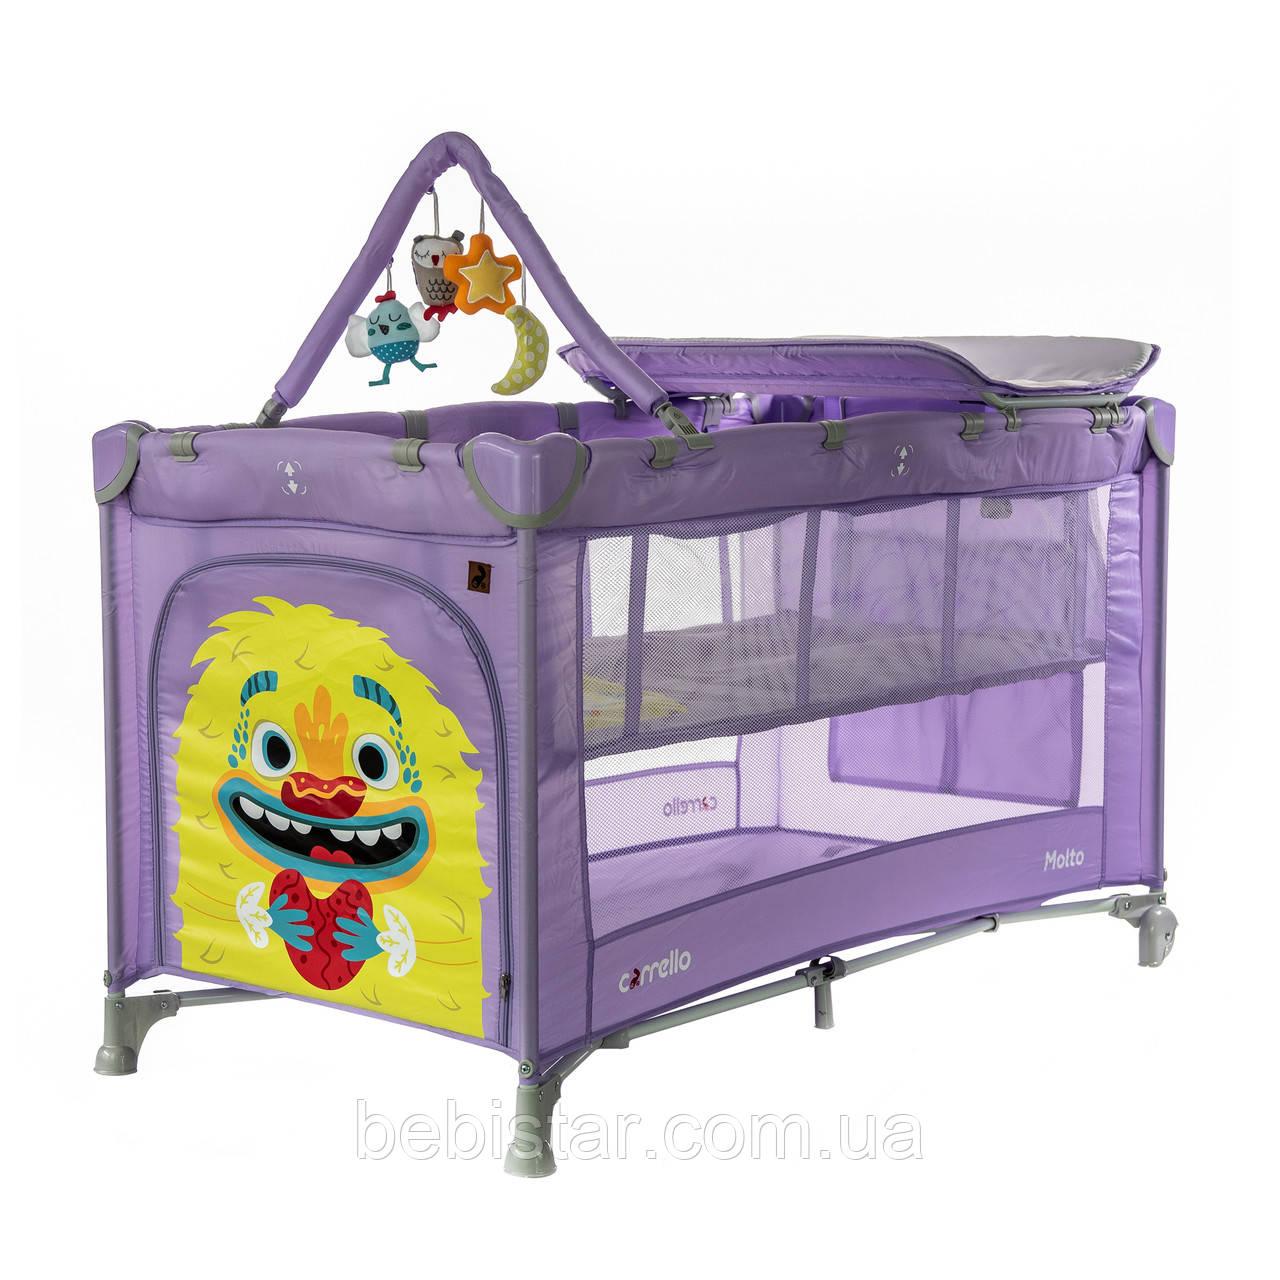 Детский манеж манеж-кровать фиолетовый Carrello Molto с двойным дном пеленальным столиком сумкой колесами